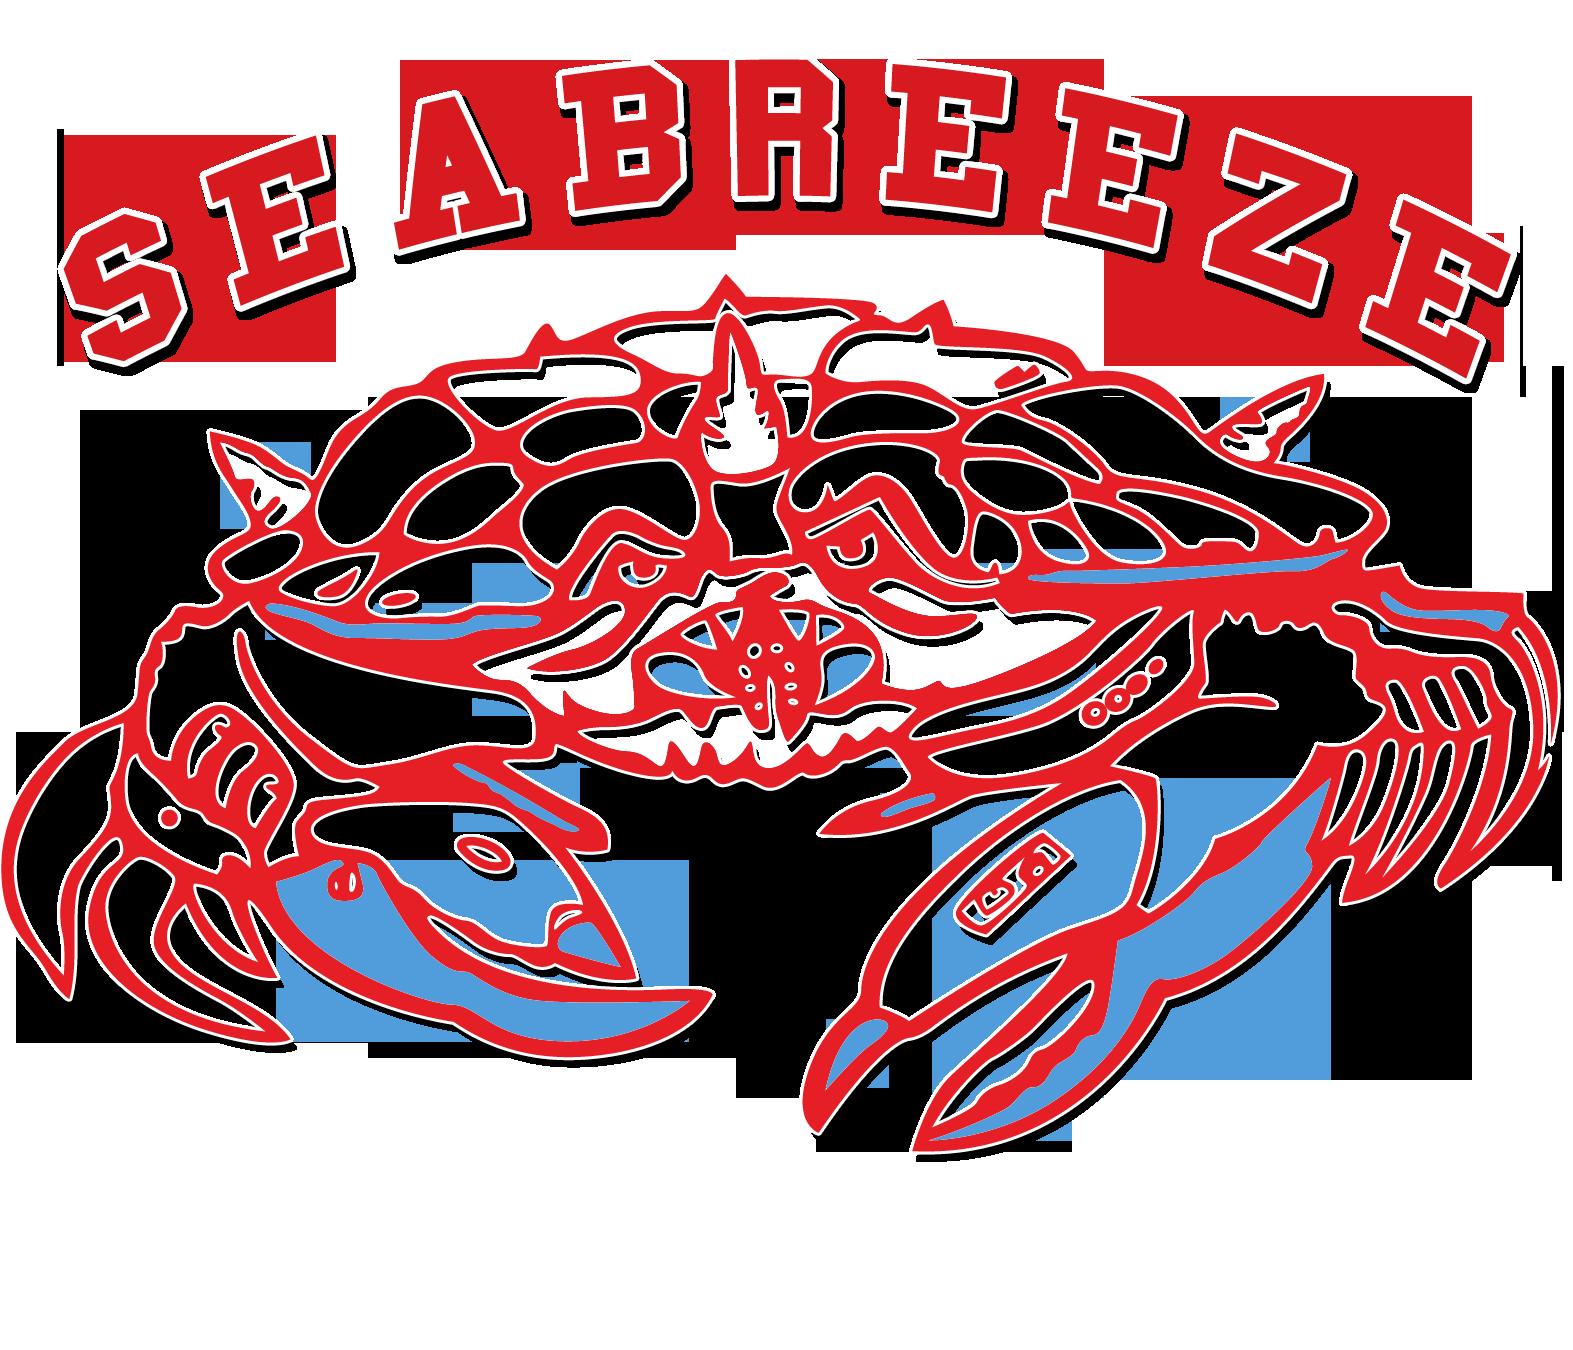 Crabs clipart sand crab. Sandcrab logos seabreeze high